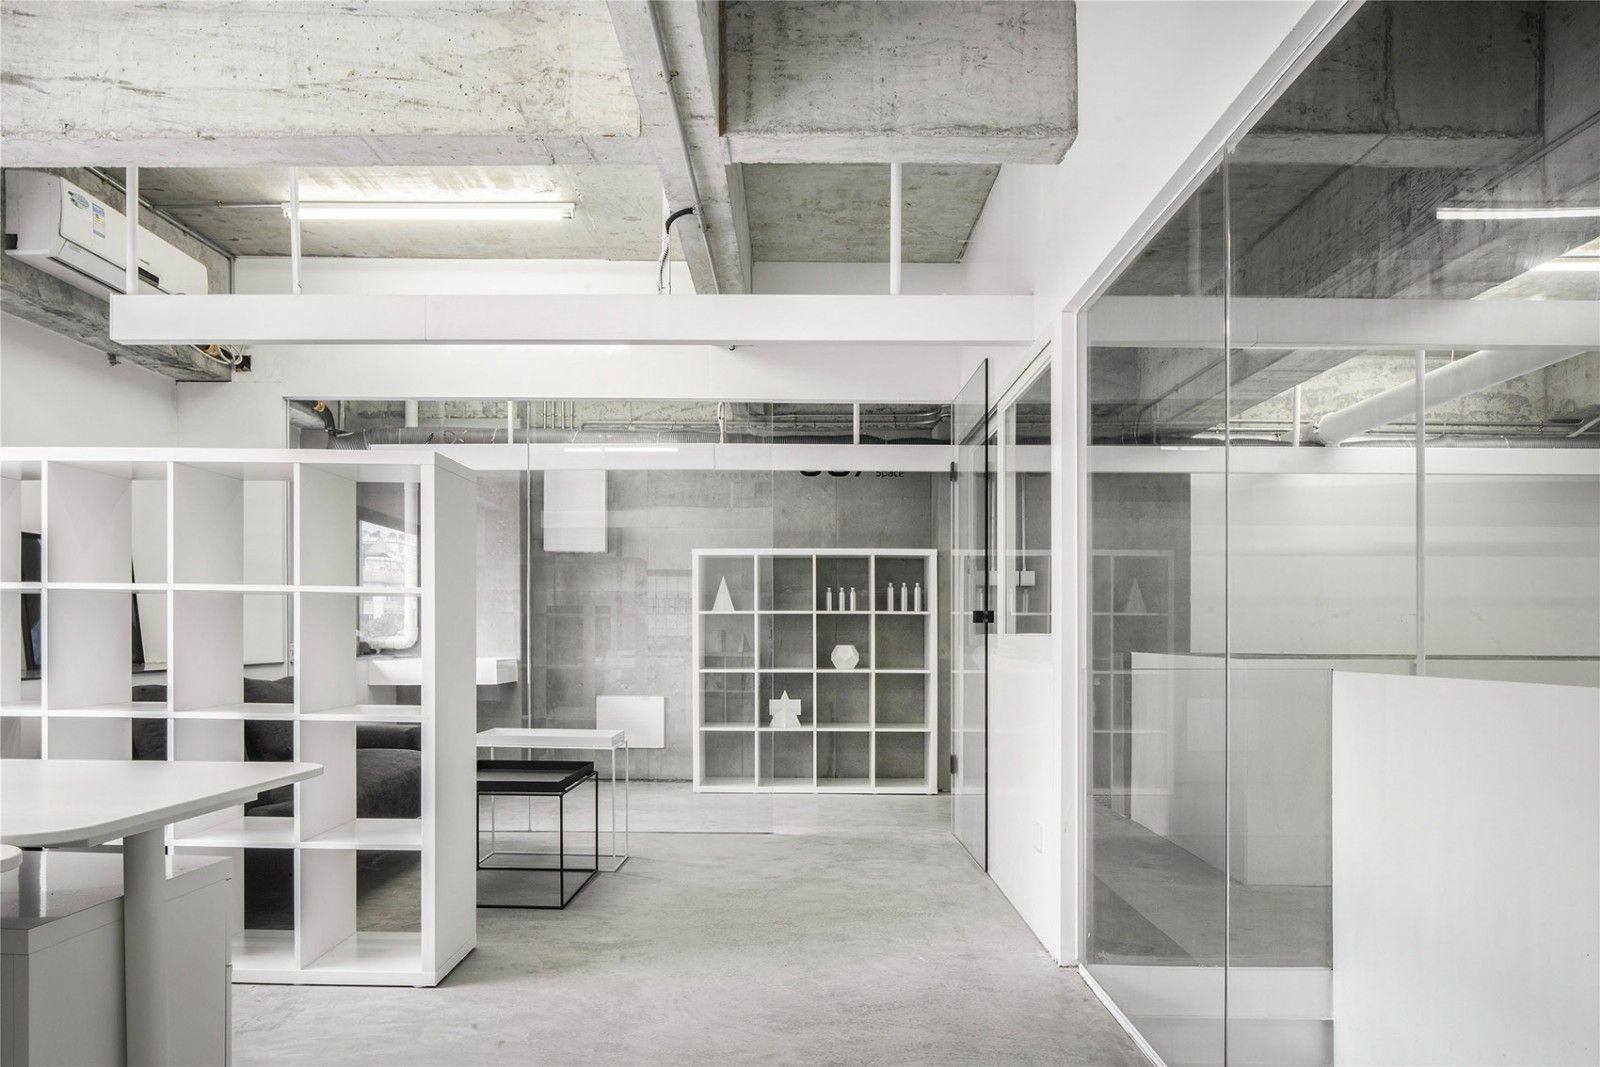 移动的玻璃盒子,广东Edgelab办公空间 | Edgelab边界实验工作室|黄智武、何钢荣 - 15